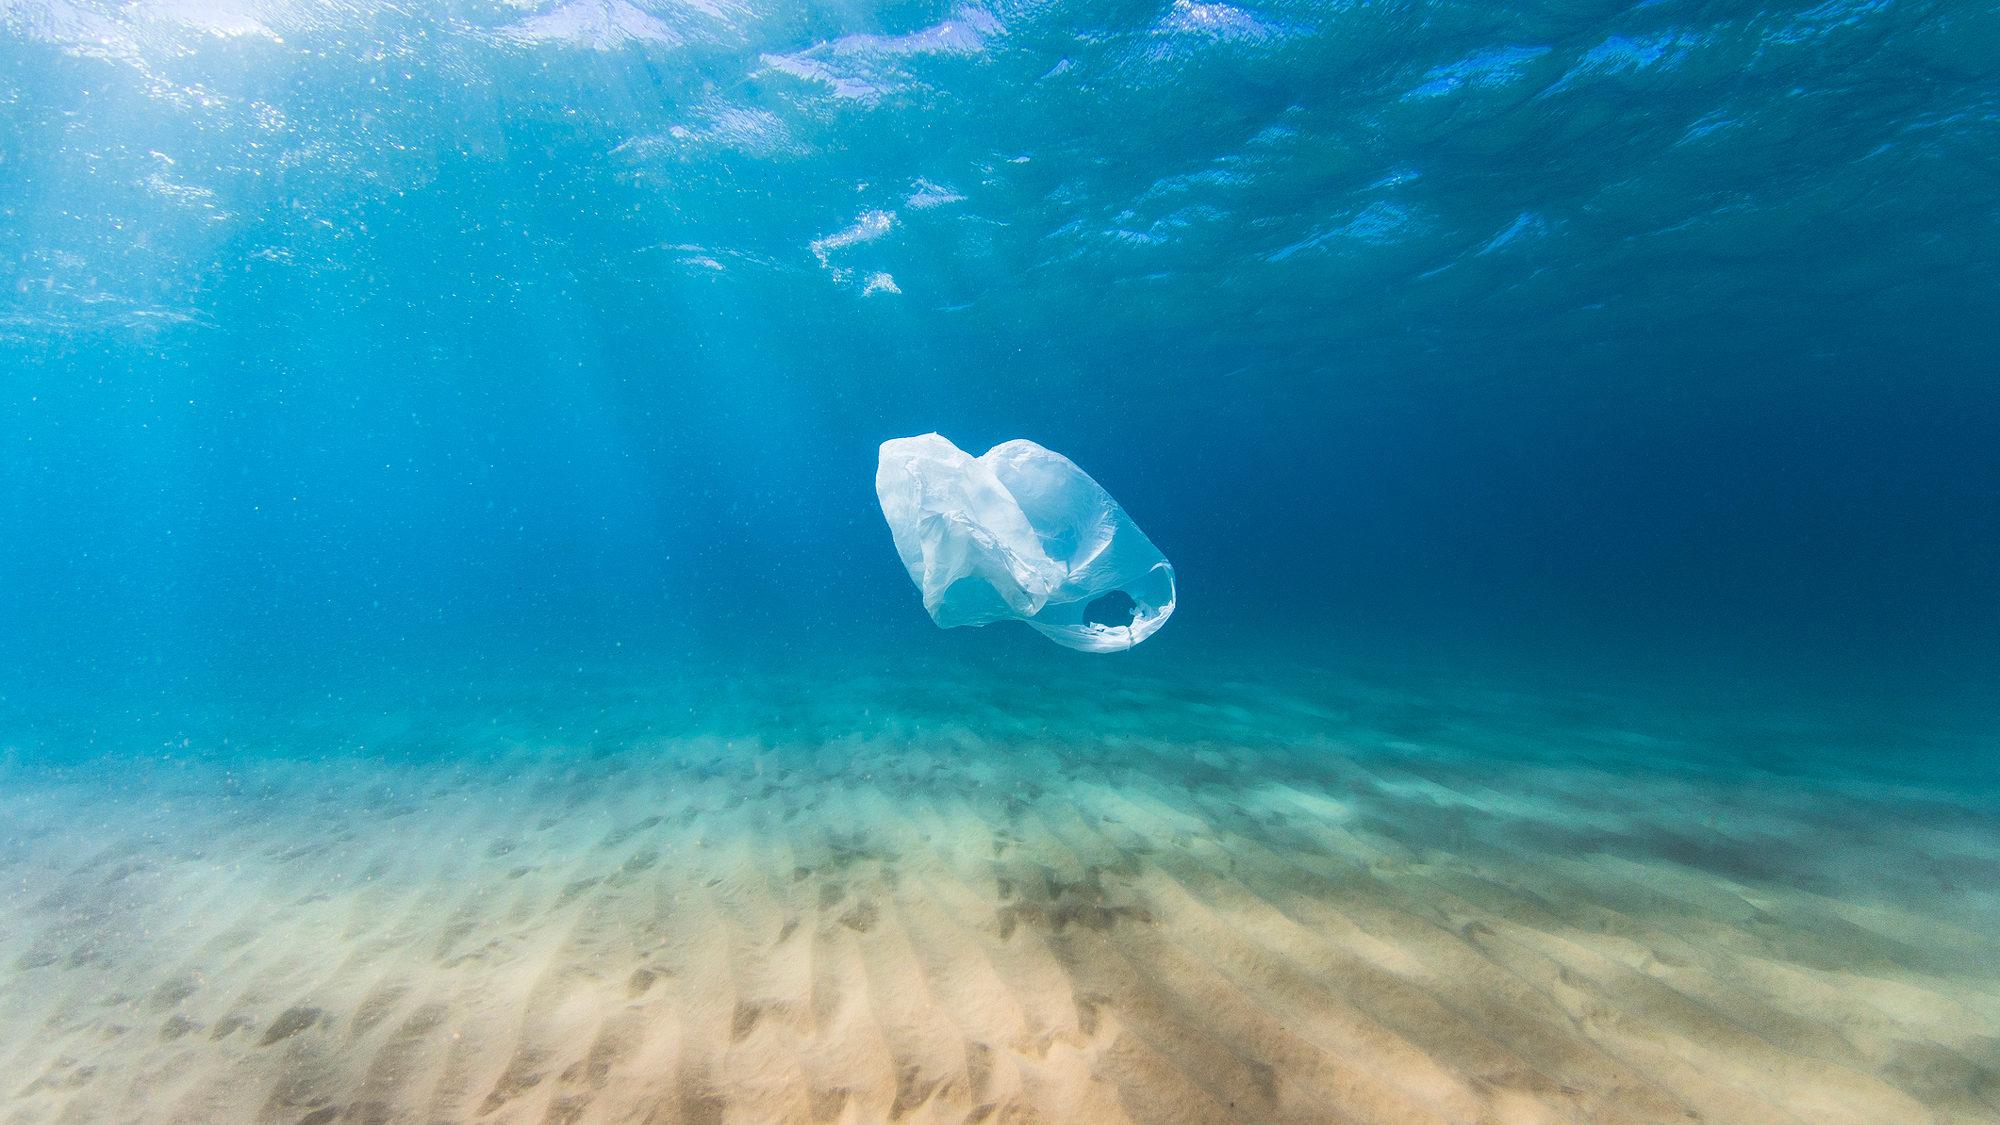 Reduza a sua pegada de plástico este Natal e não só